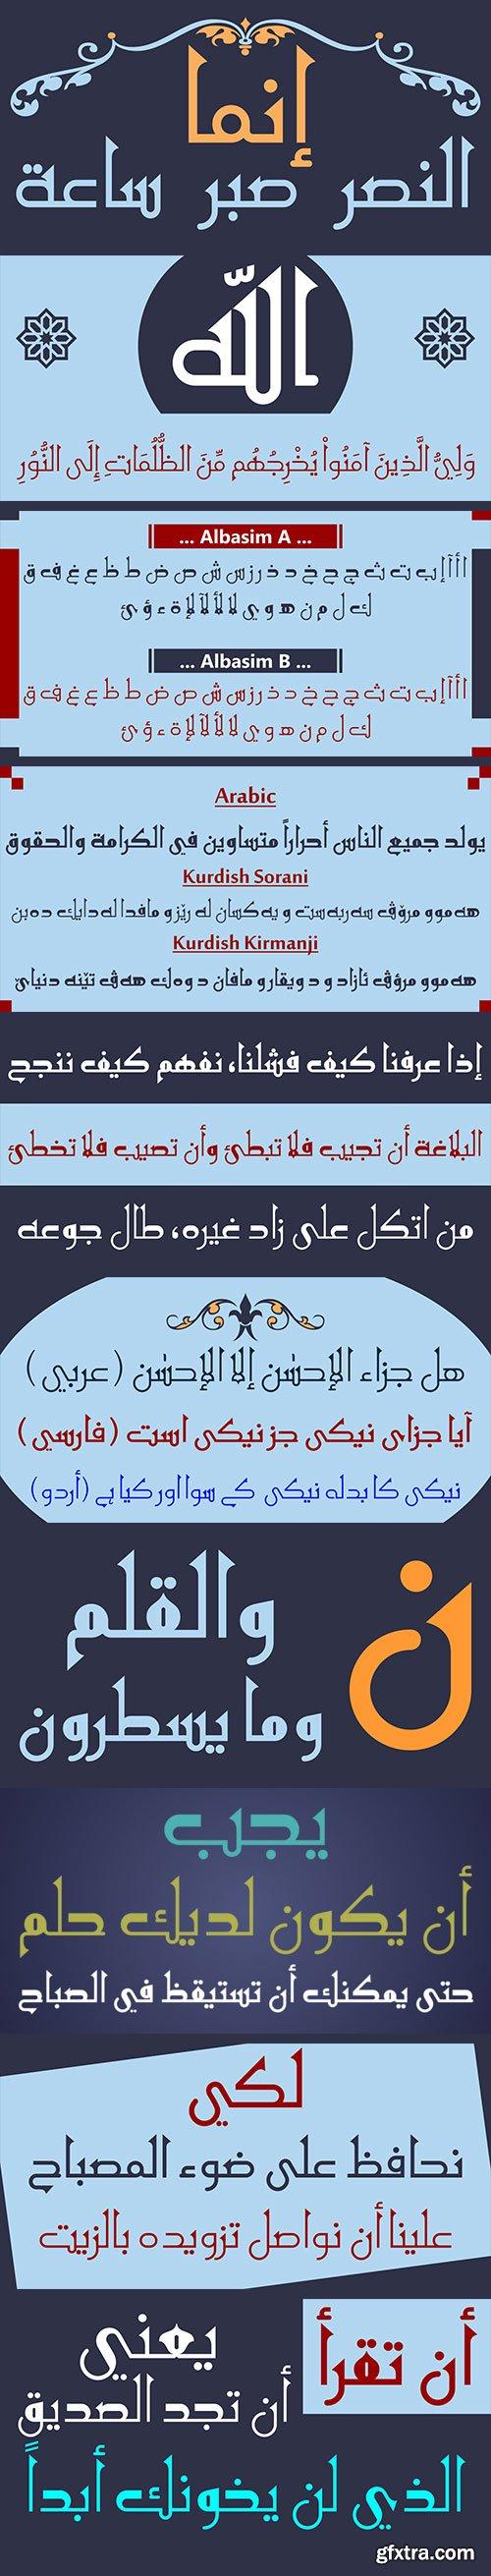 HS Al Basim A - Arabic, Persian, Urdu, Kurdish 2xOTF $150